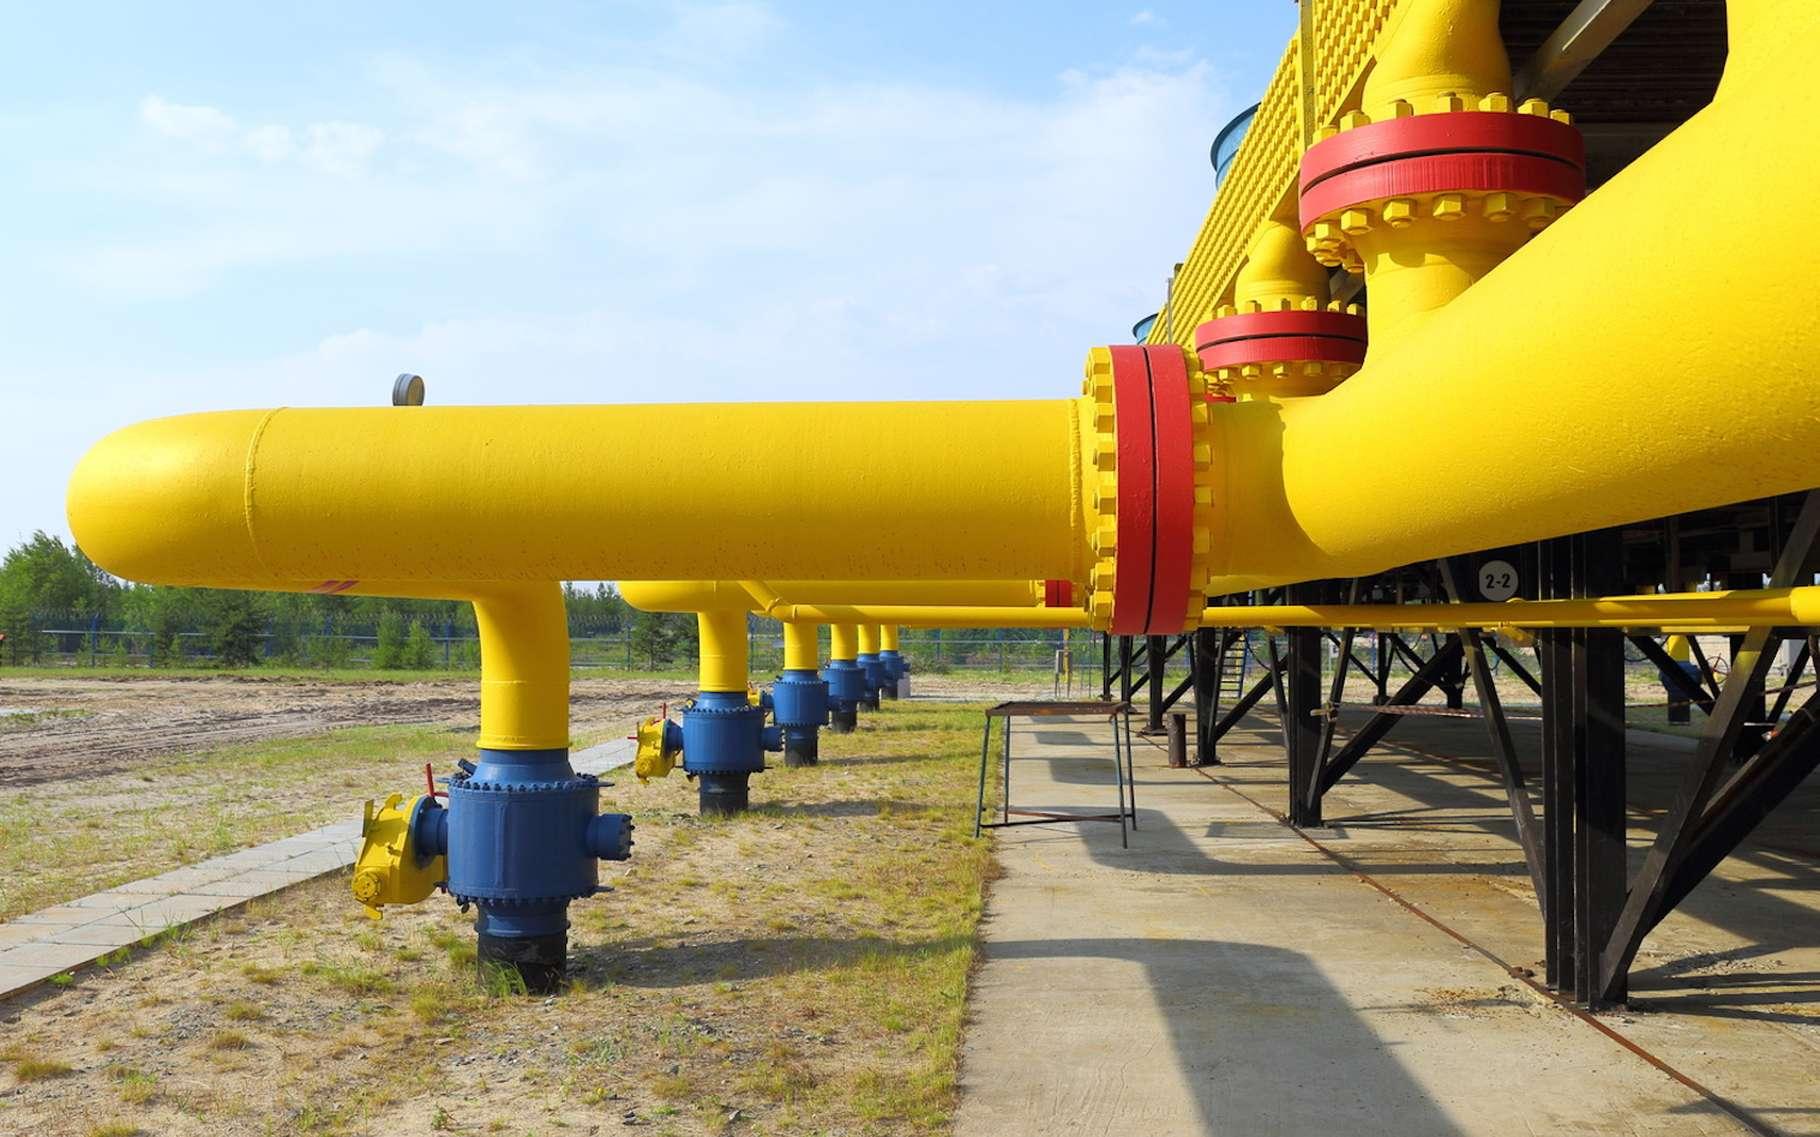 Les gestionnaires de réseaux de distribution (GRD) acheminent le gaz, sous basse ou moyenne pression, depuis les gazoducs jusqu'au domicile de leurs clients finaux. C'est là qu'intervient GRDF. © pisotckil, Fotolia